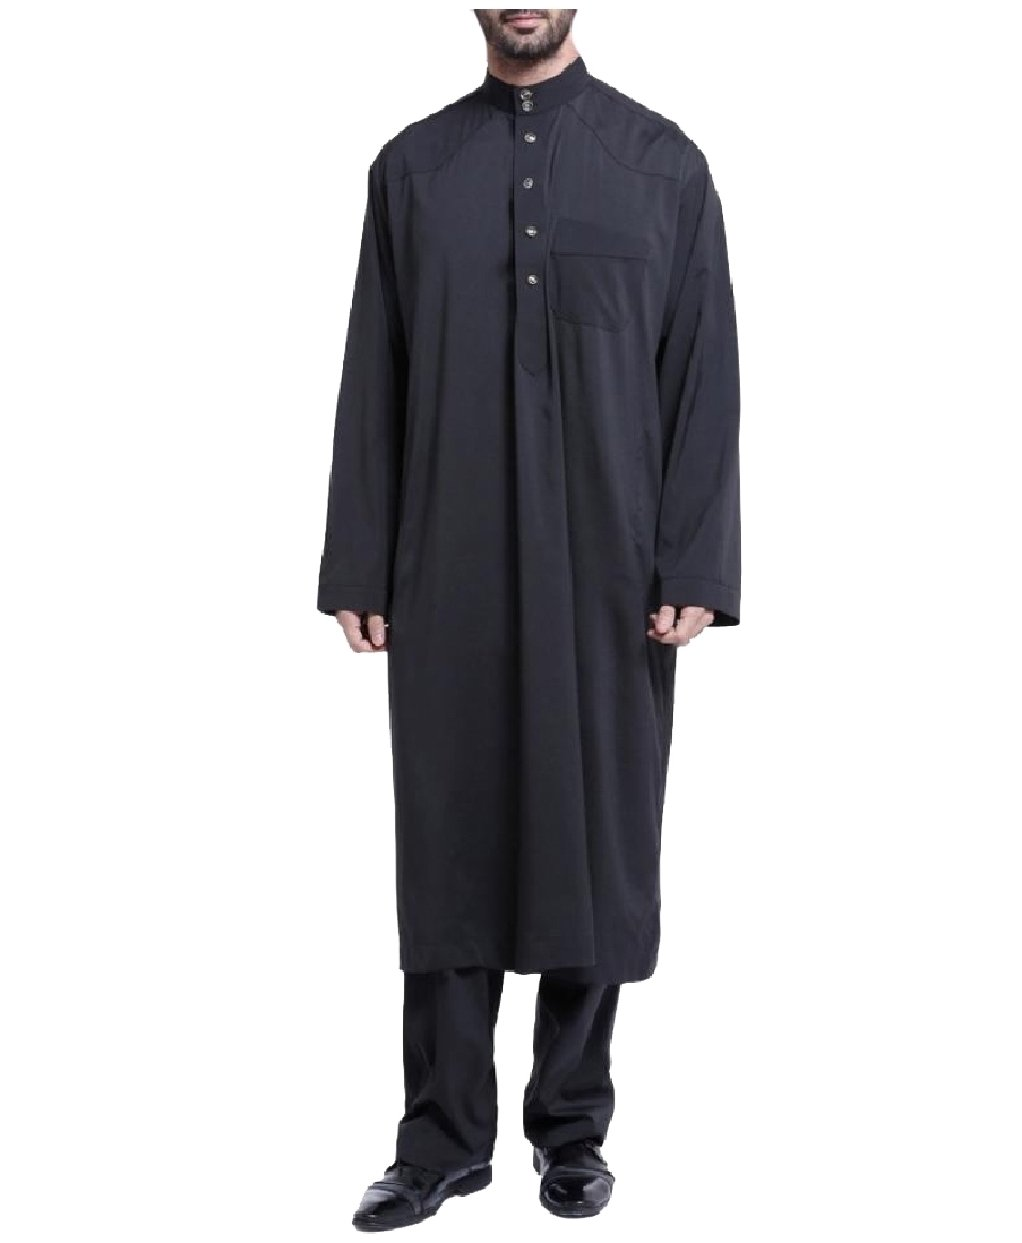 SportsX Mens Cotton Linen Blend Middle East 2-Piece Muslim Shalwar Kemeez Black XL